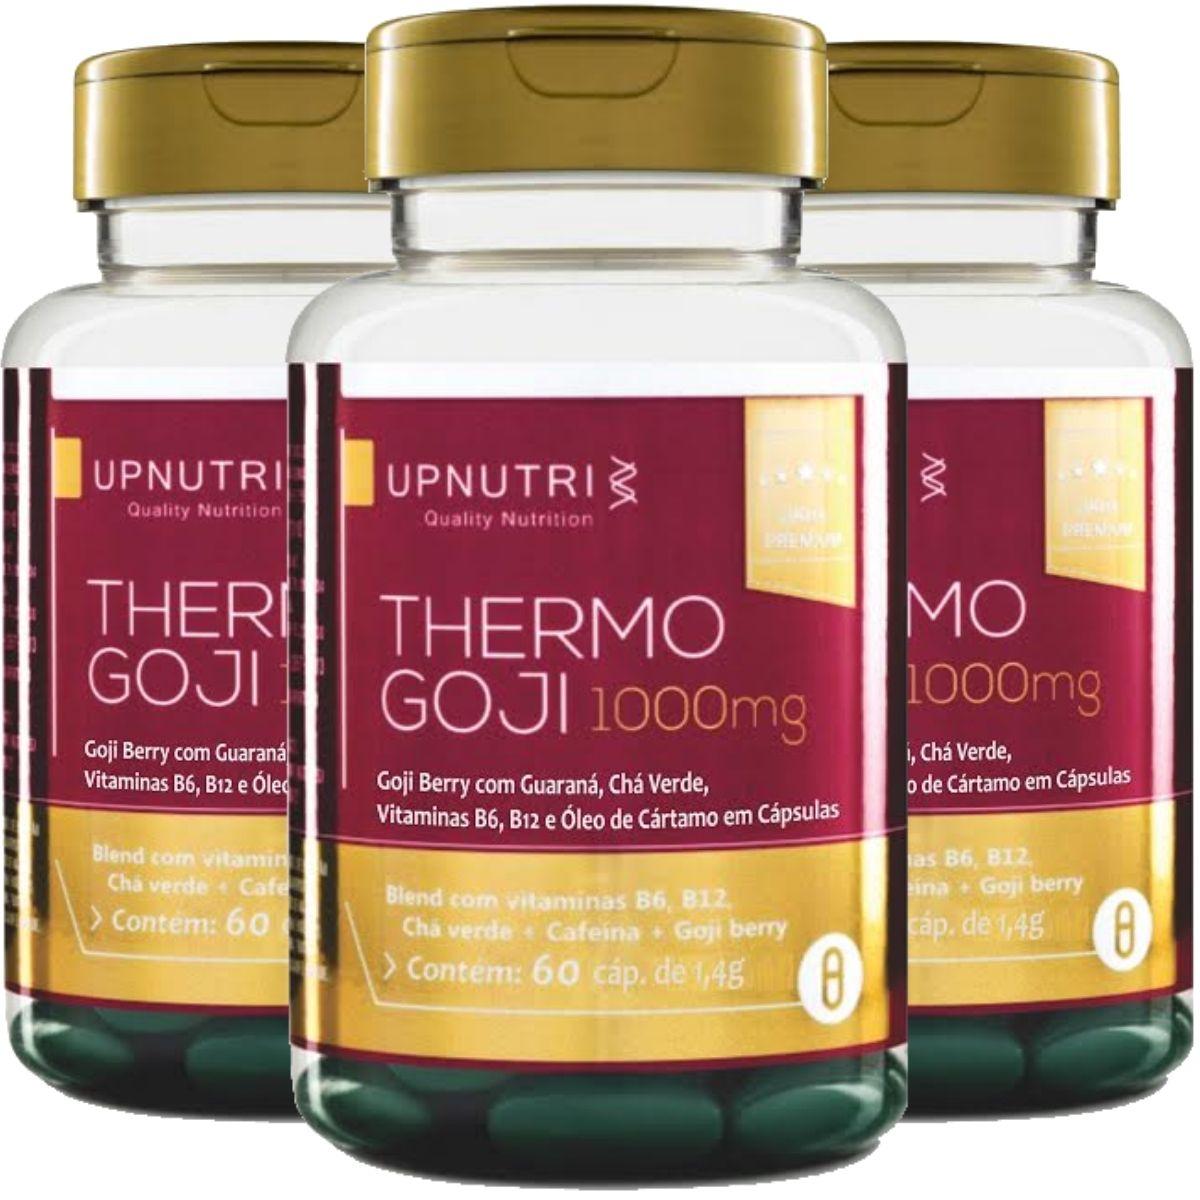 Kit 3 Termogênico Thermo Goji - Chá Verde + Cafeína + Goji Berry 60 Cáps - Upnutri